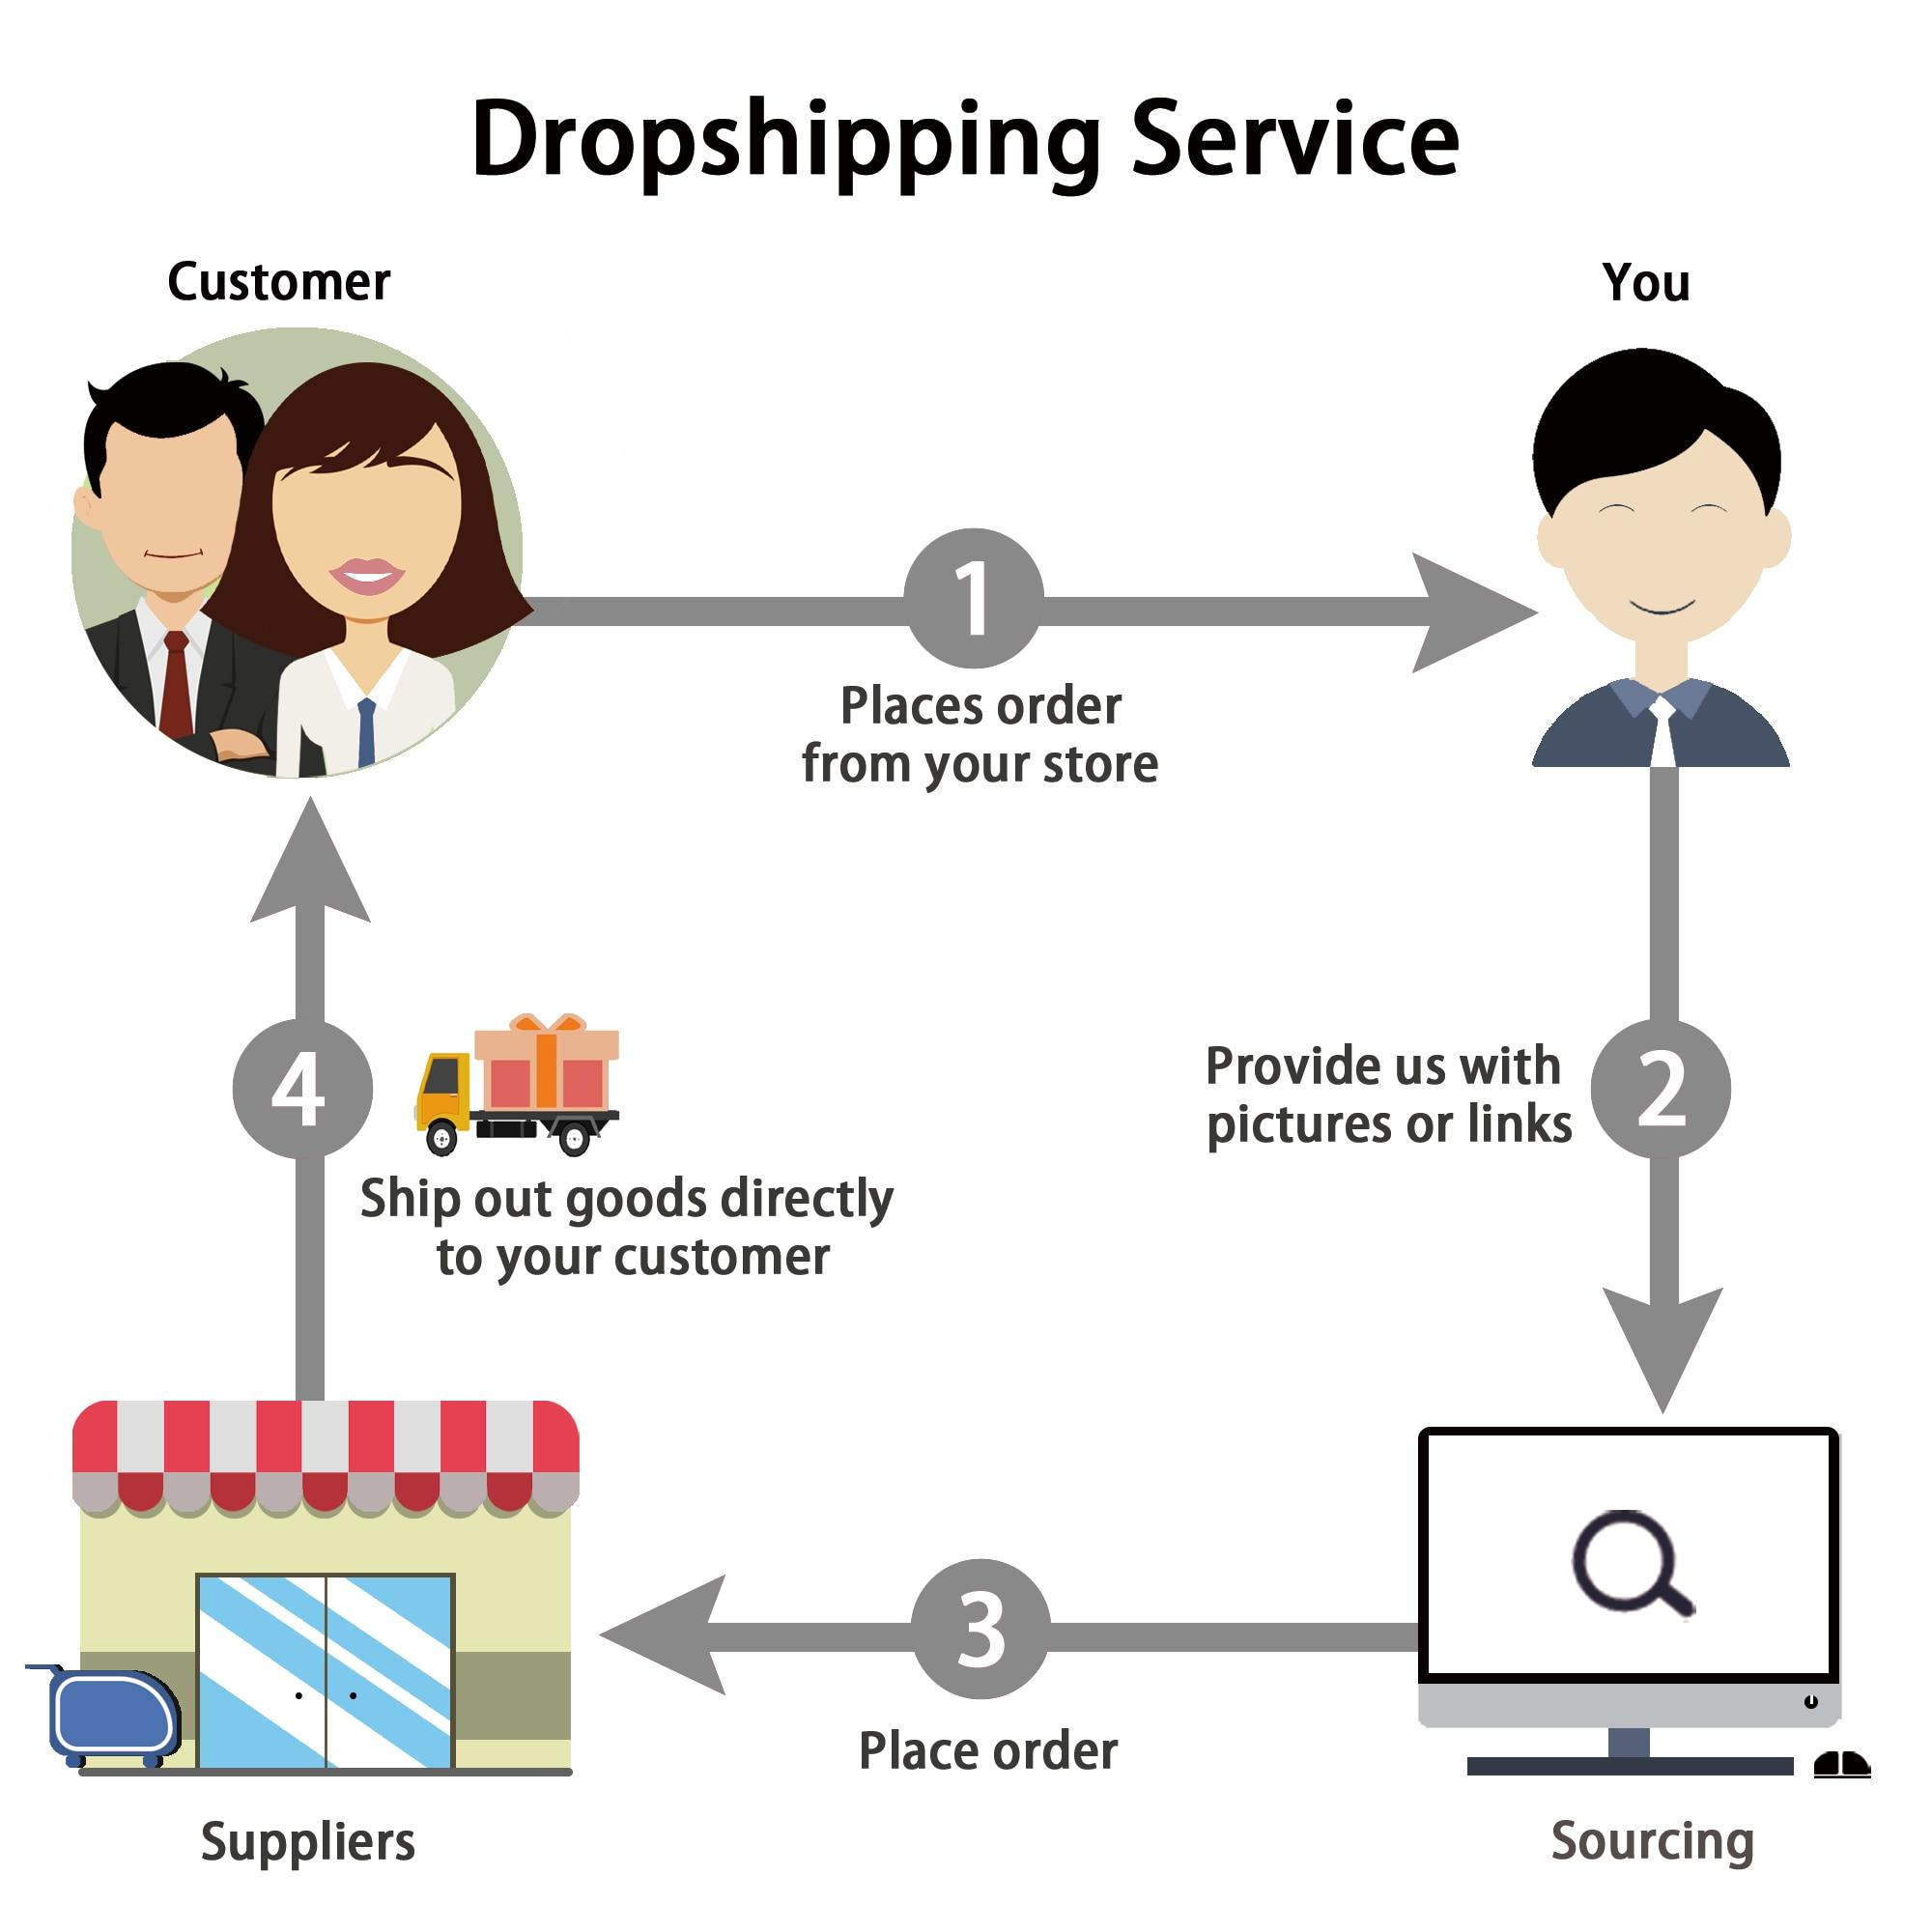 luxury watches dropshipping women dropshipping women clothing agent sourcing dropship women